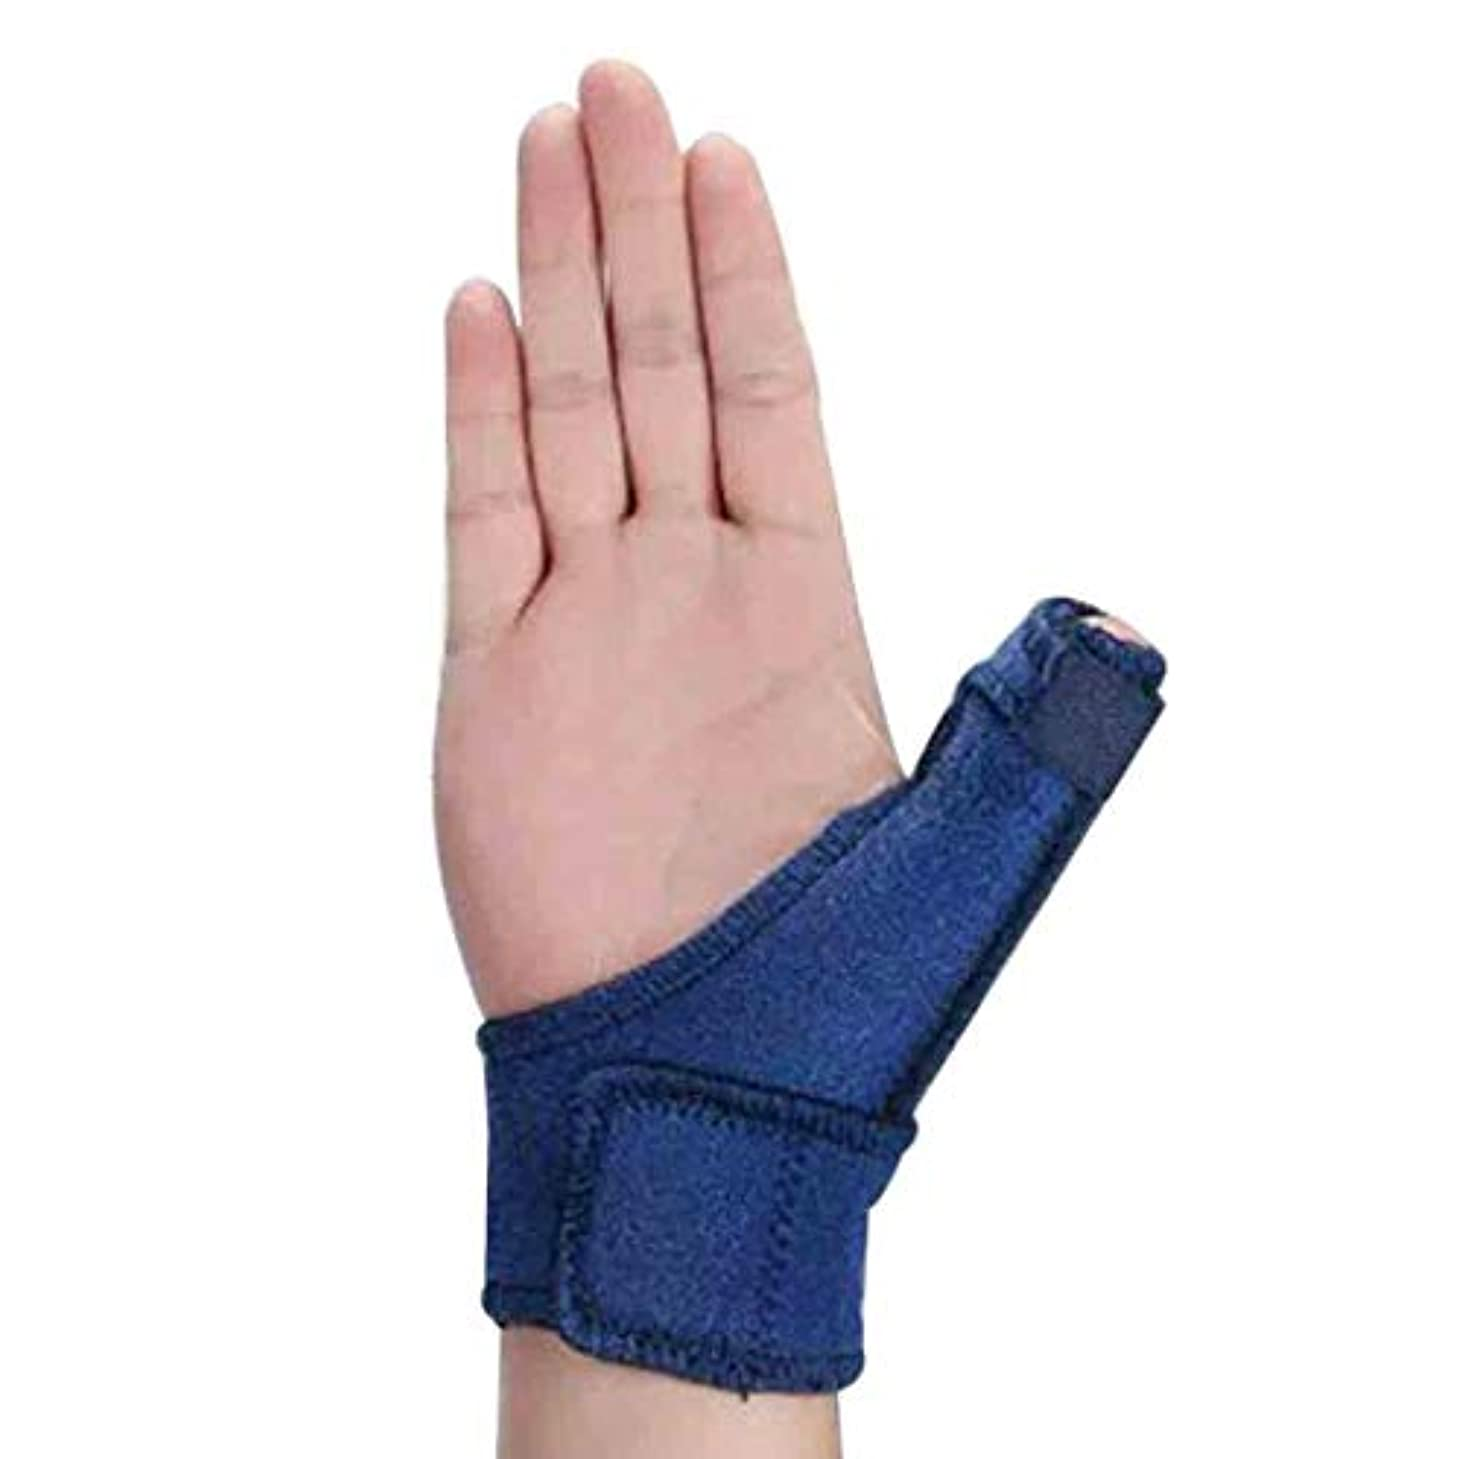 実質的踏みつけ擬人化トリガーのための調節可能な親指スプリント親指リストストラップブレース親指スプリント親指関節炎痛み緩和ブレース(1個、ユニセックス、左&右の手青) Roscloud@